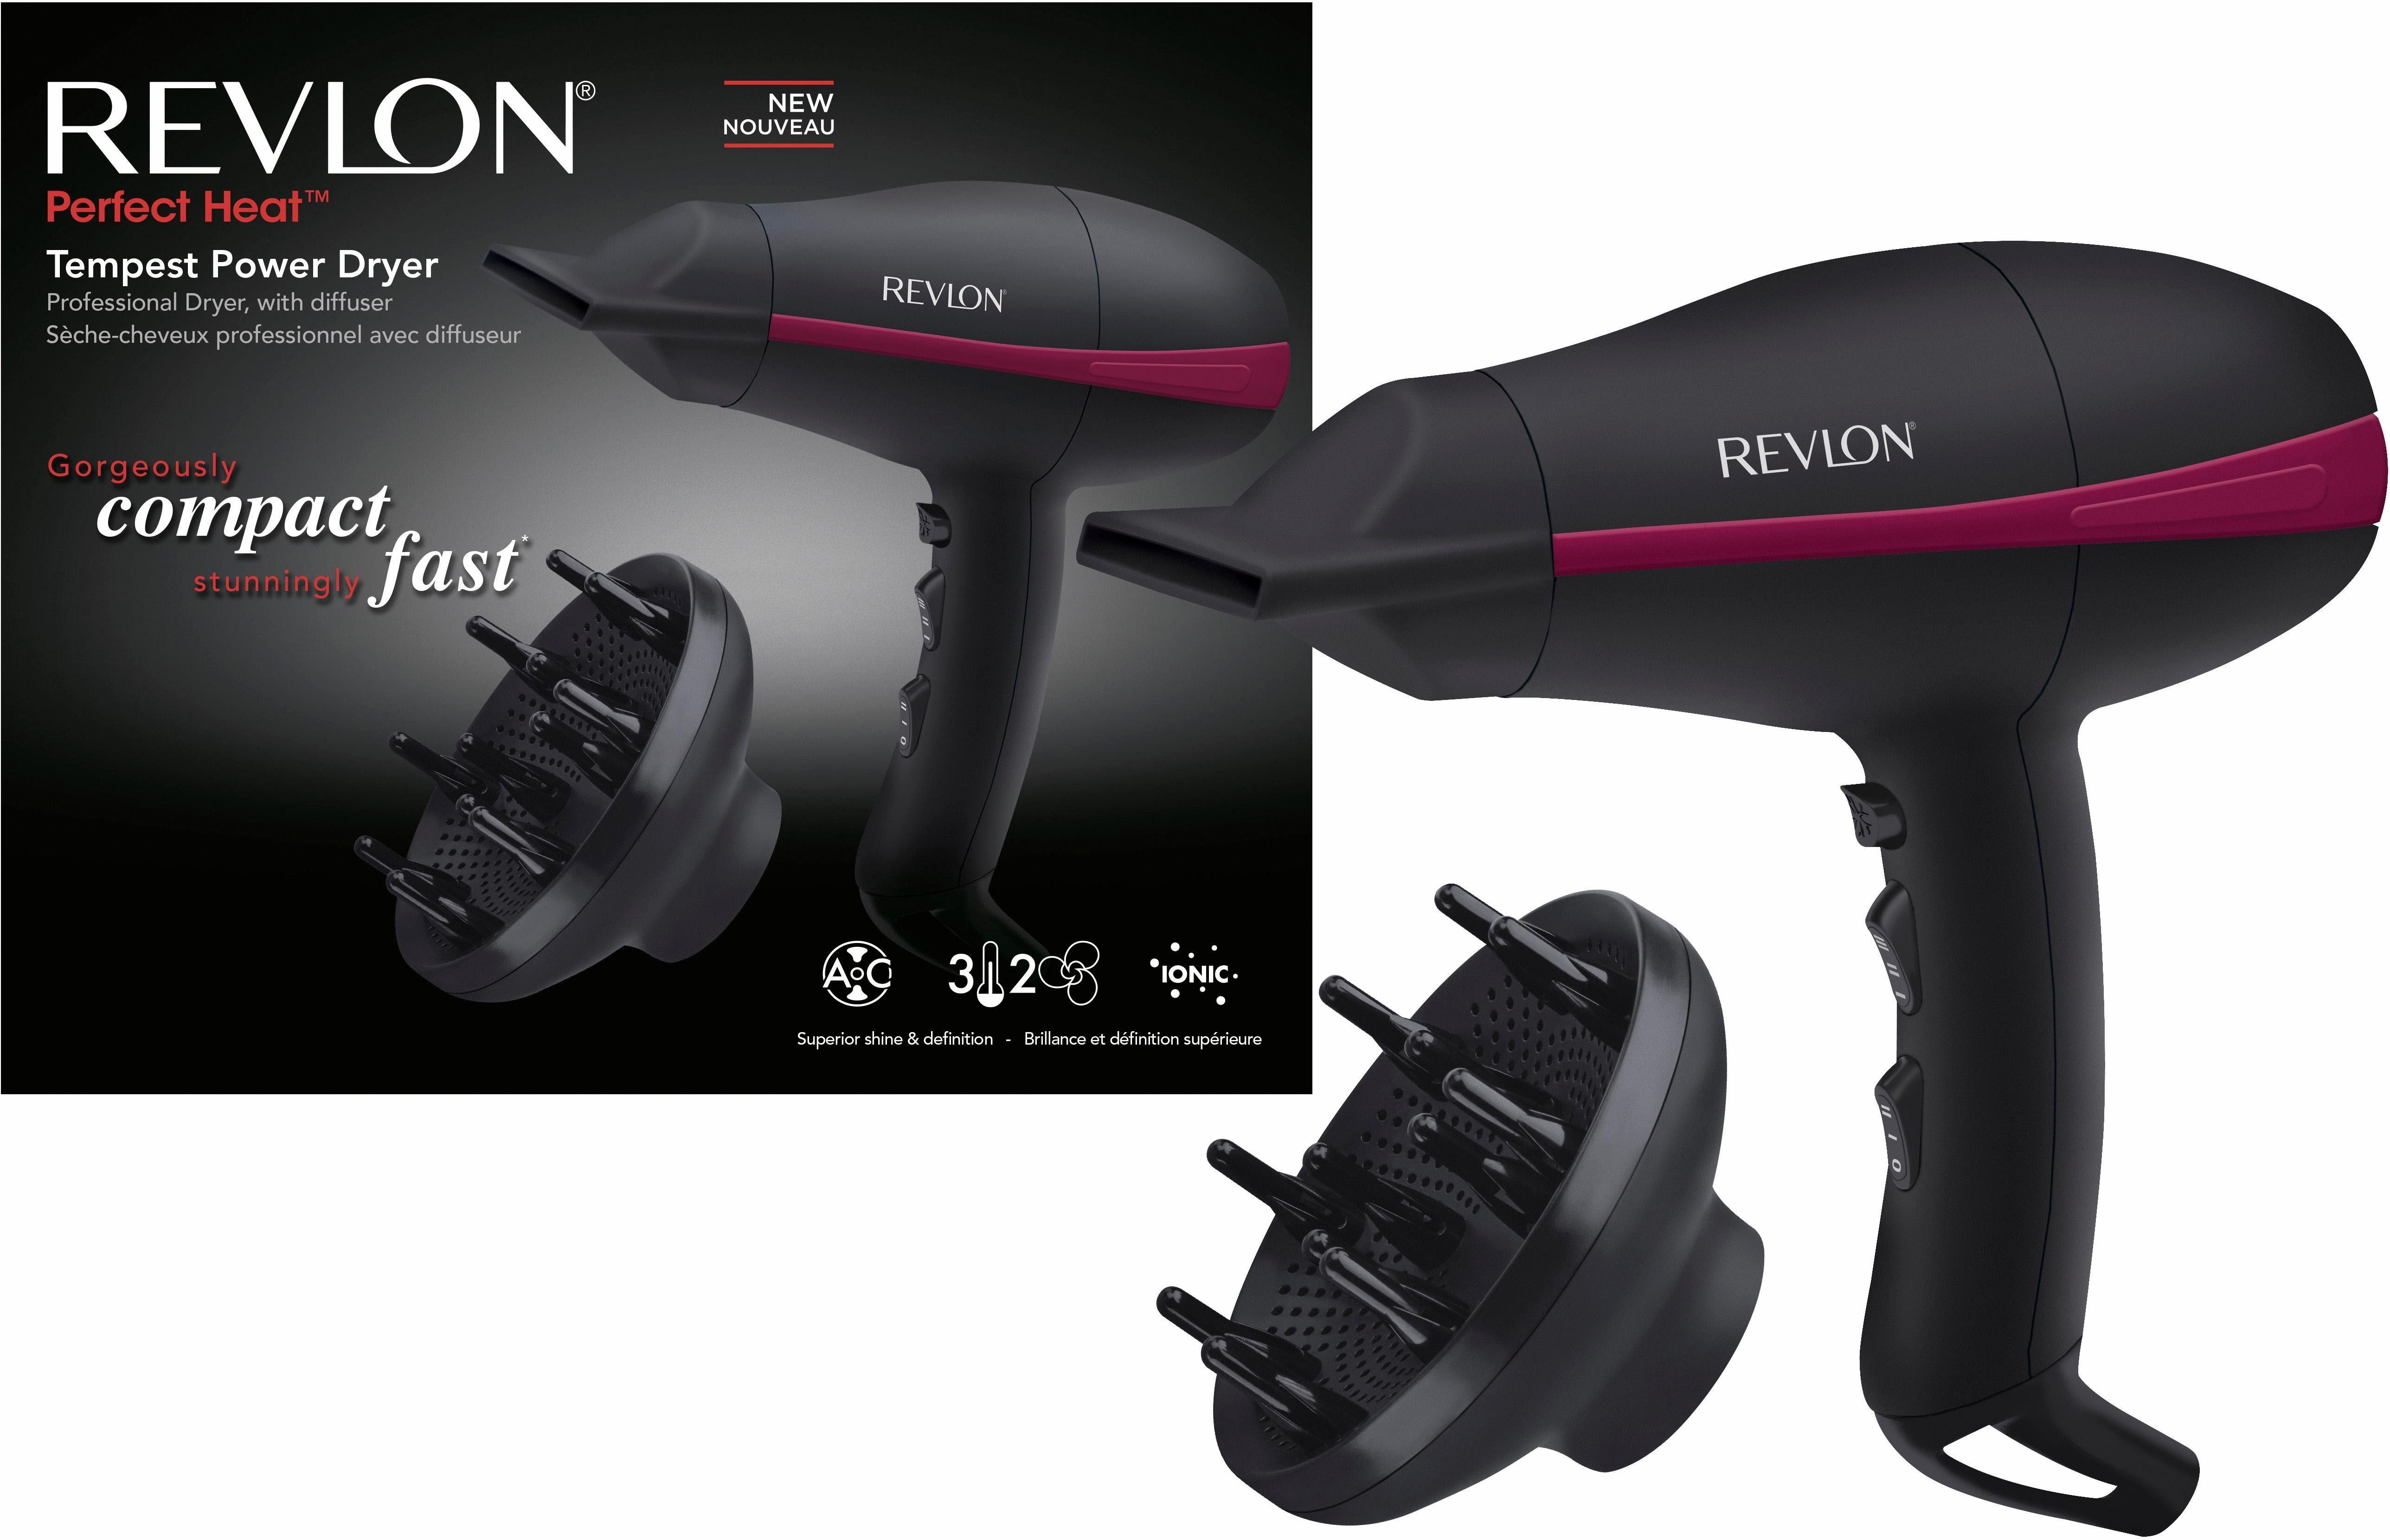 Revlon® Haartrockner TEMPEST AC POWER DRYER RVDR5821DE für feines, dünnes Haar